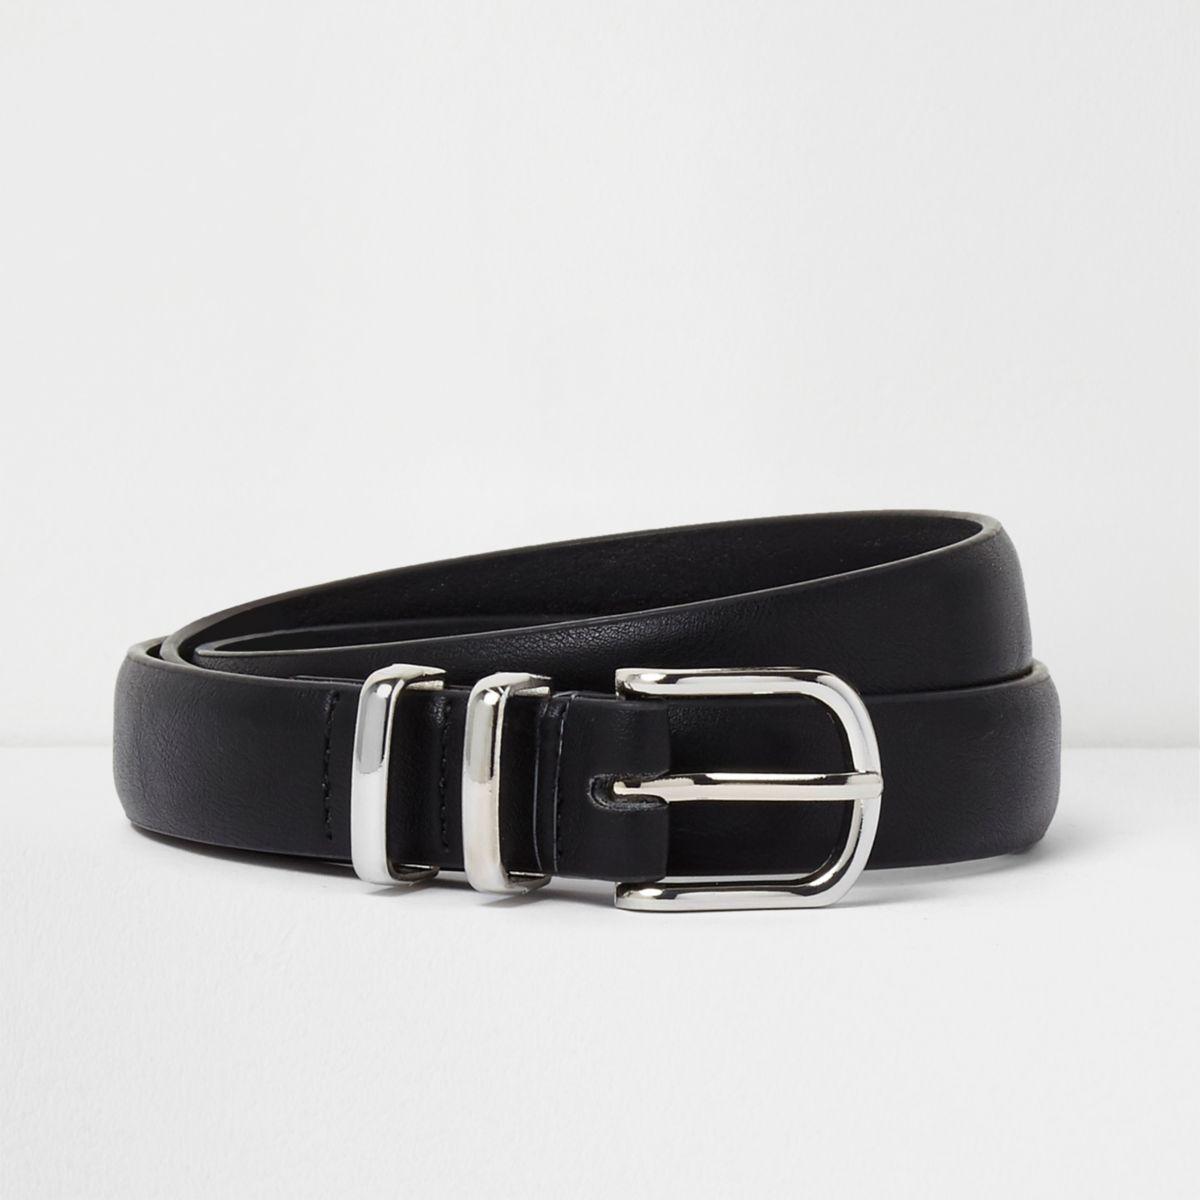 Black silver tone double hoop keeper belt